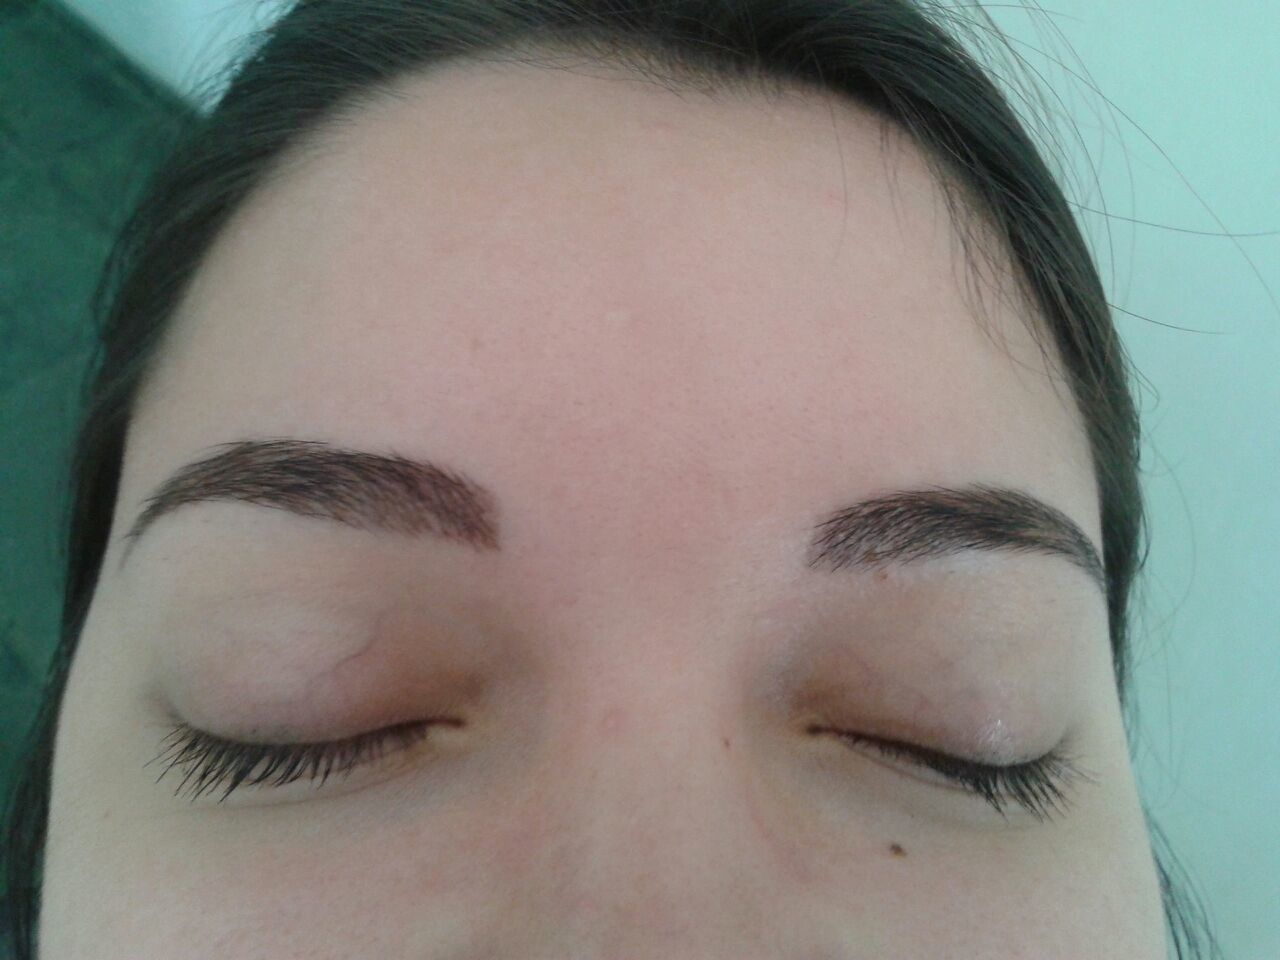 #Designer de sobrancelha com aplicação de Henna. esteticista designer de sobrancelhas depilador(a)